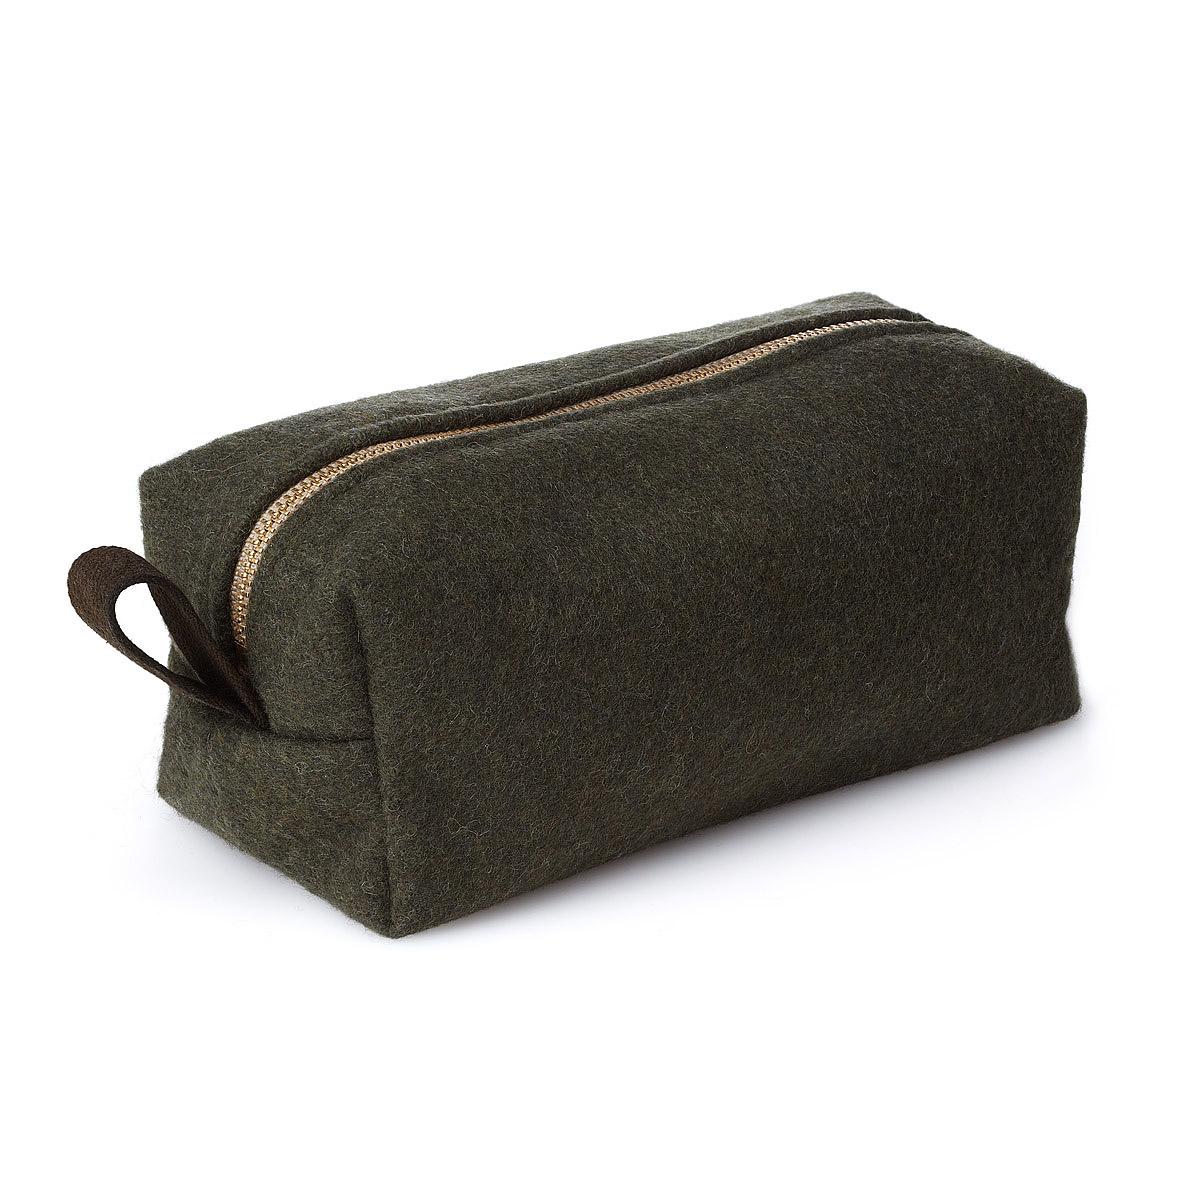 military blanket toiletry bag 1 thumbnail QVZSCFX